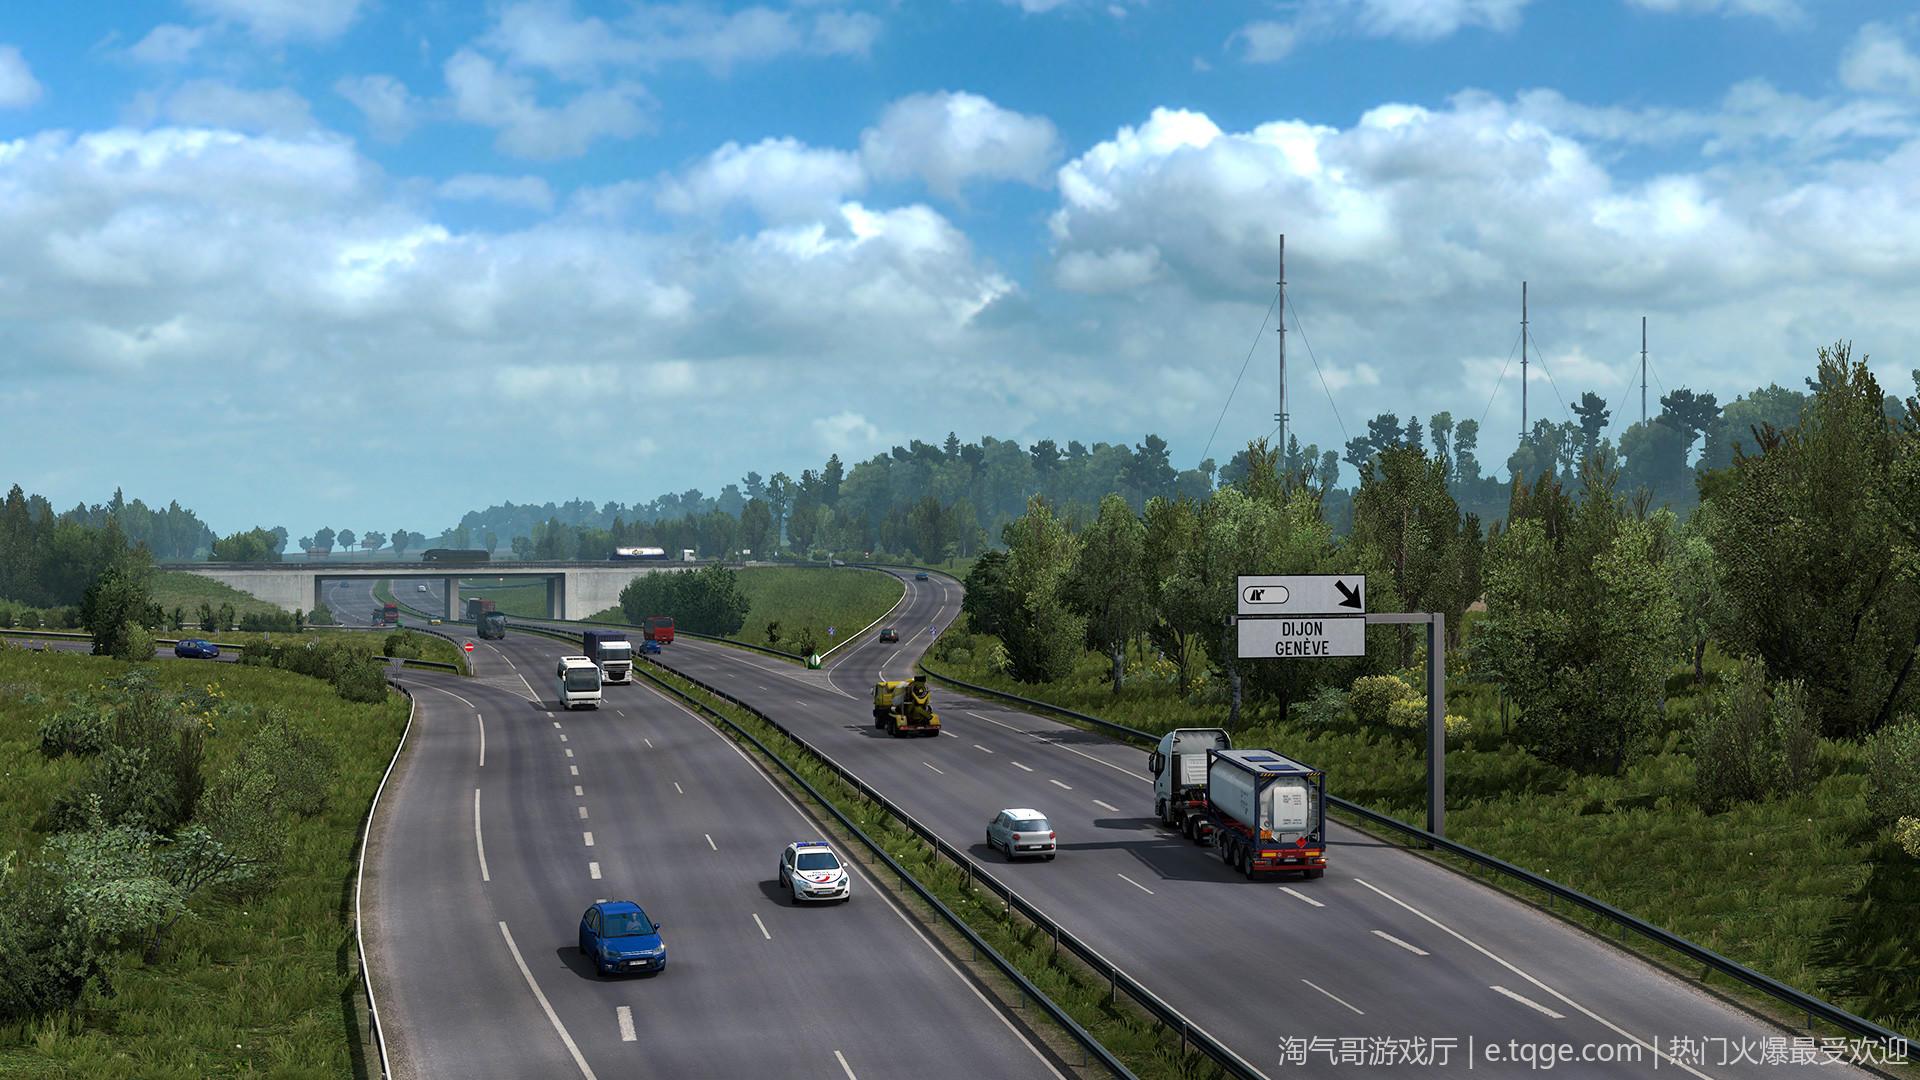 遨游中国2 v1.20稳定版/欧洲模拟卡车2/CTS6 热门游戏 第6张